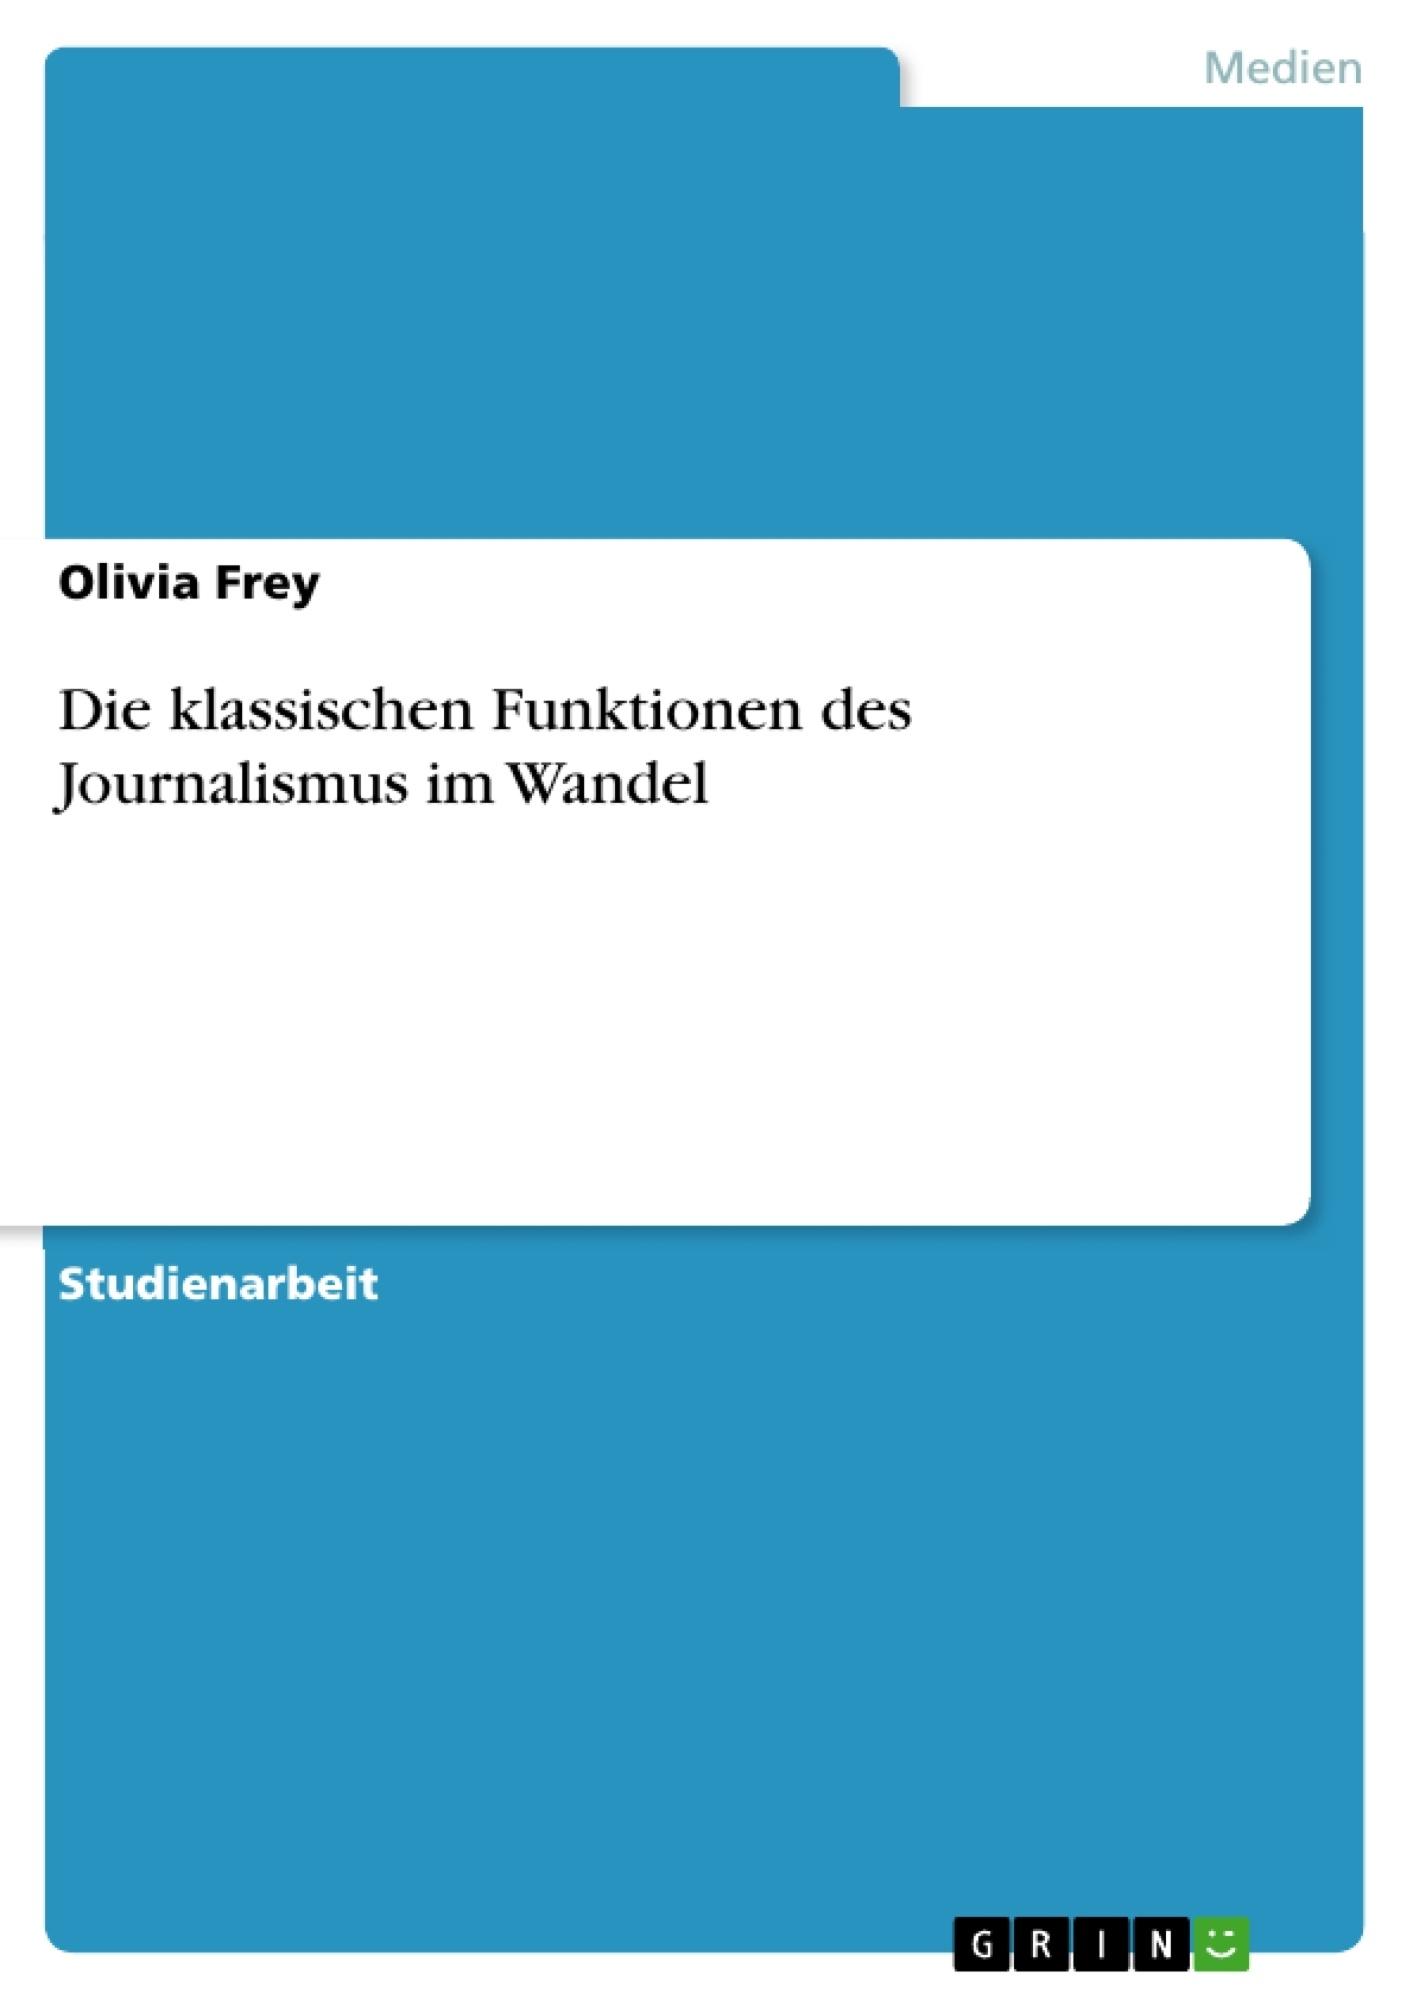 Titel: Die klassischen Funktionen des Journalismus im Wandel